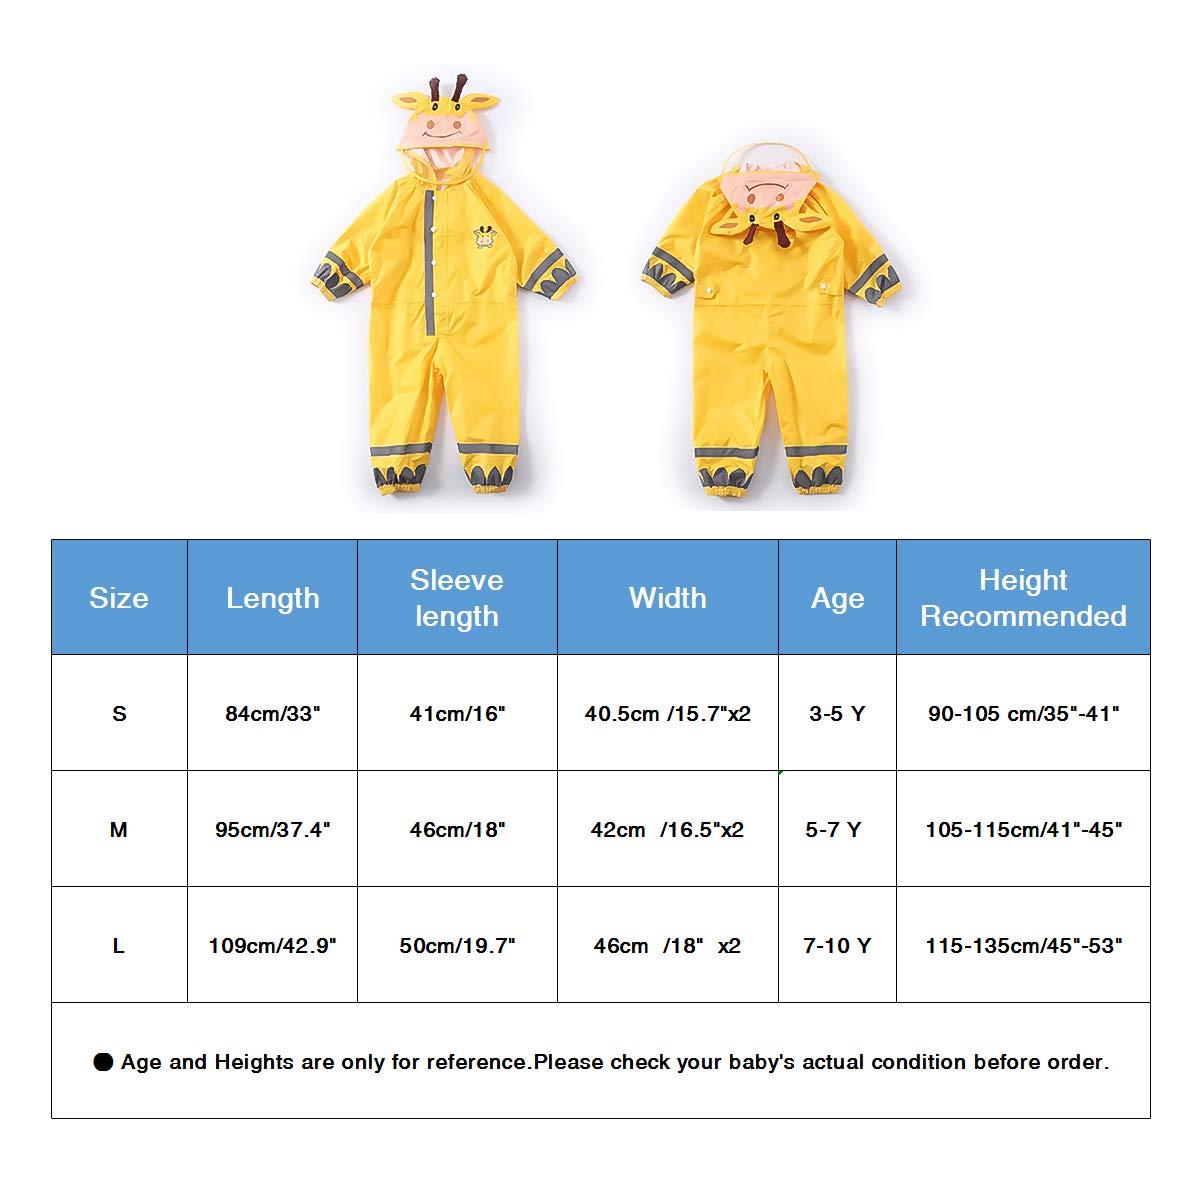 Unisex-Regenmantel f/ür Kleinkinder mit reflektierenden und winddichten H/üten f/ür Outdoor Schule PROTAURI Einteiliger Regenanzug f/ür Kinder Schutz